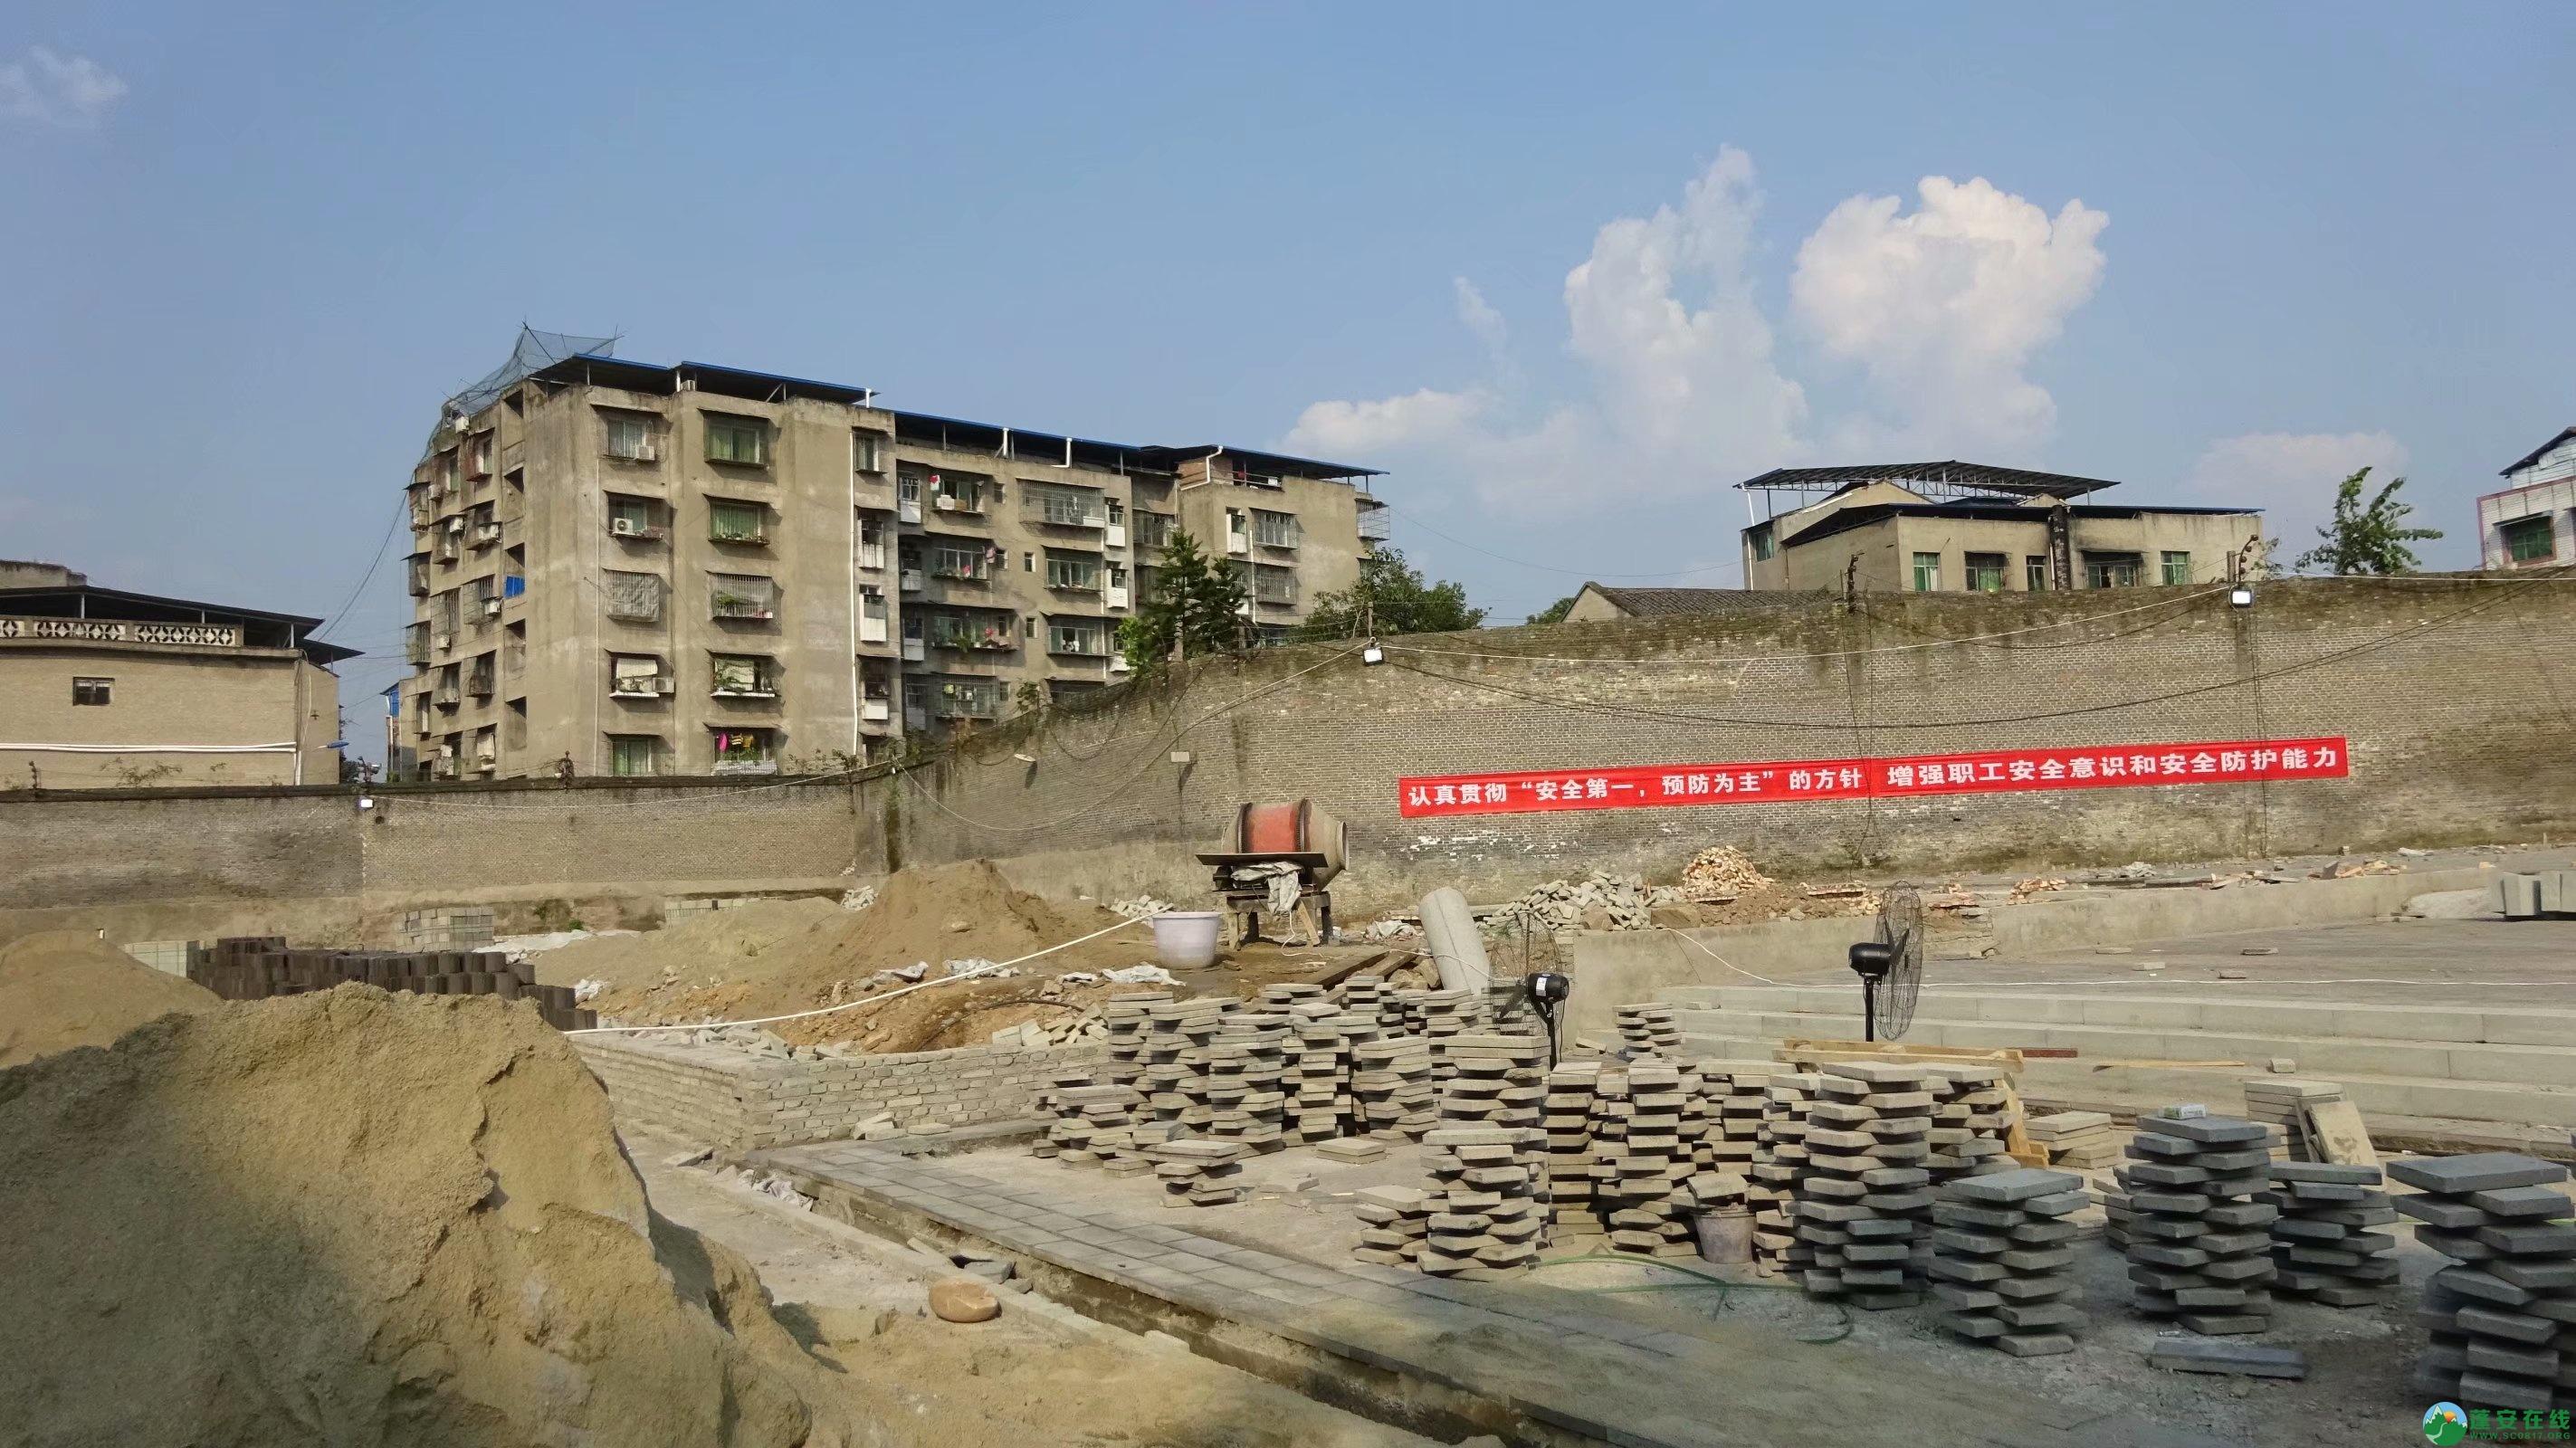 蓬安锦屏相如故城建设迅猛 - 第50张  | 蓬安在线